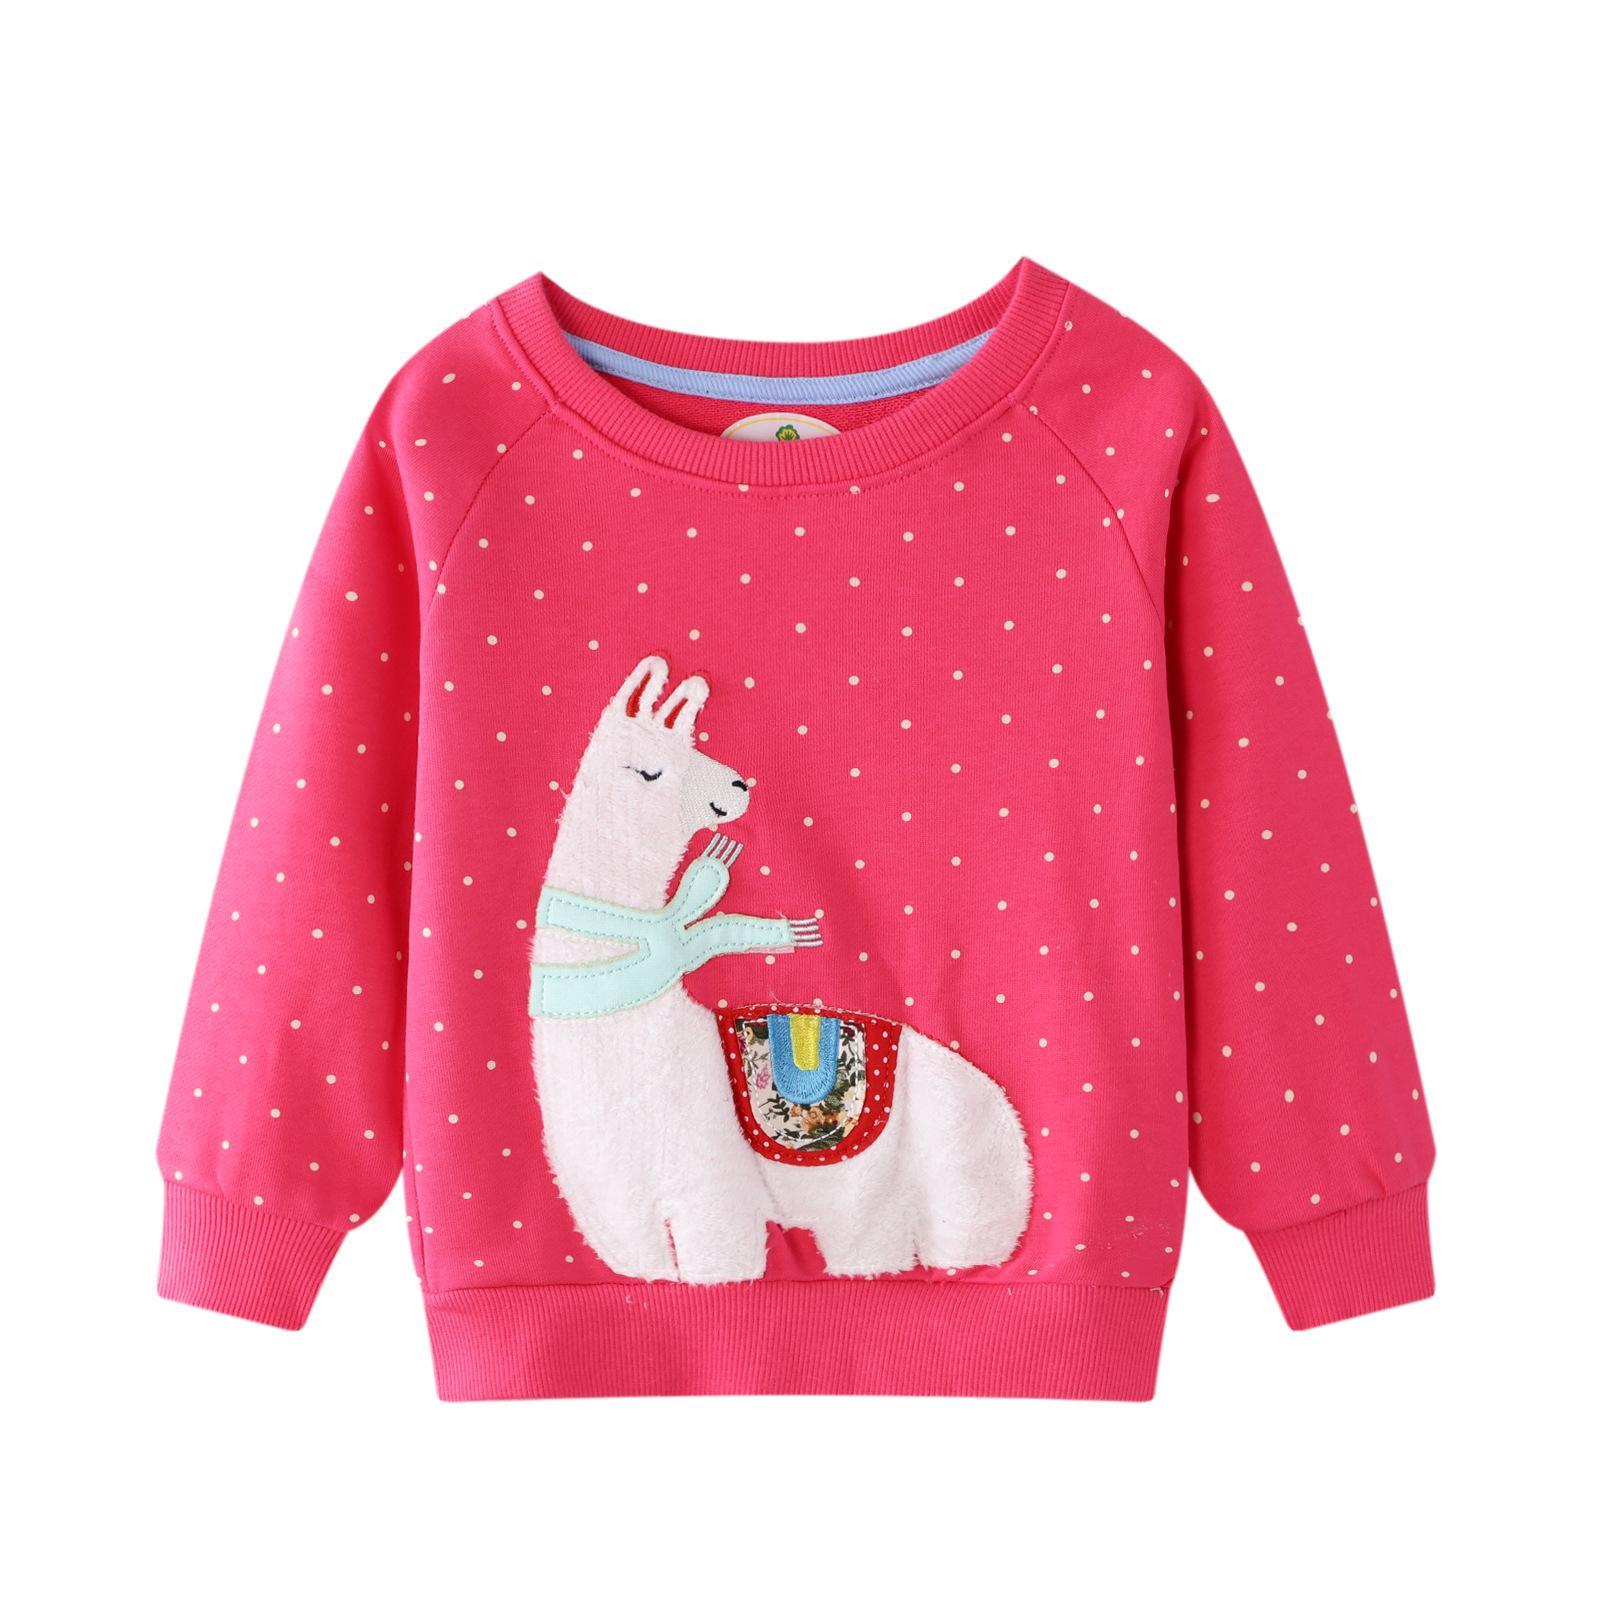 Девушки Толстовка Детская толстовка с Аппликацией животных Осень зима детская одежда детская толстовка для девушек толстовки 2-7